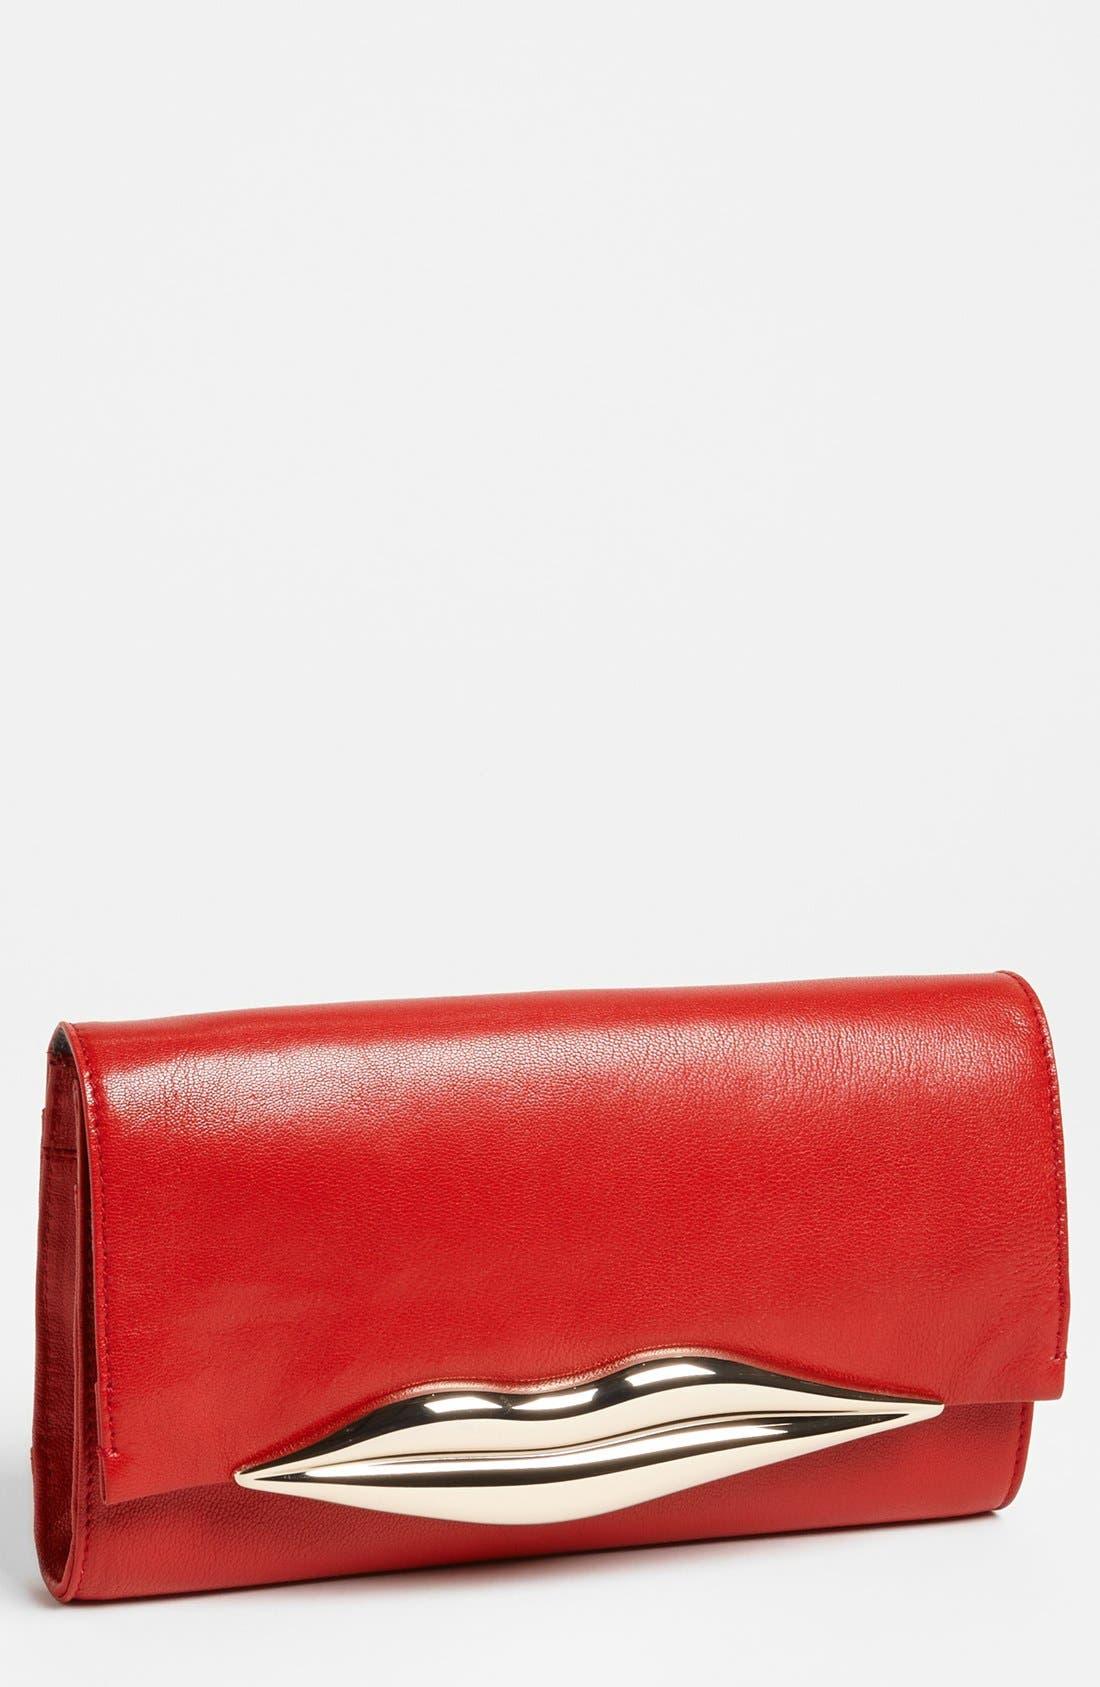 Main Image - Diane von Furstenberg 'Flirty' Leather Clutch